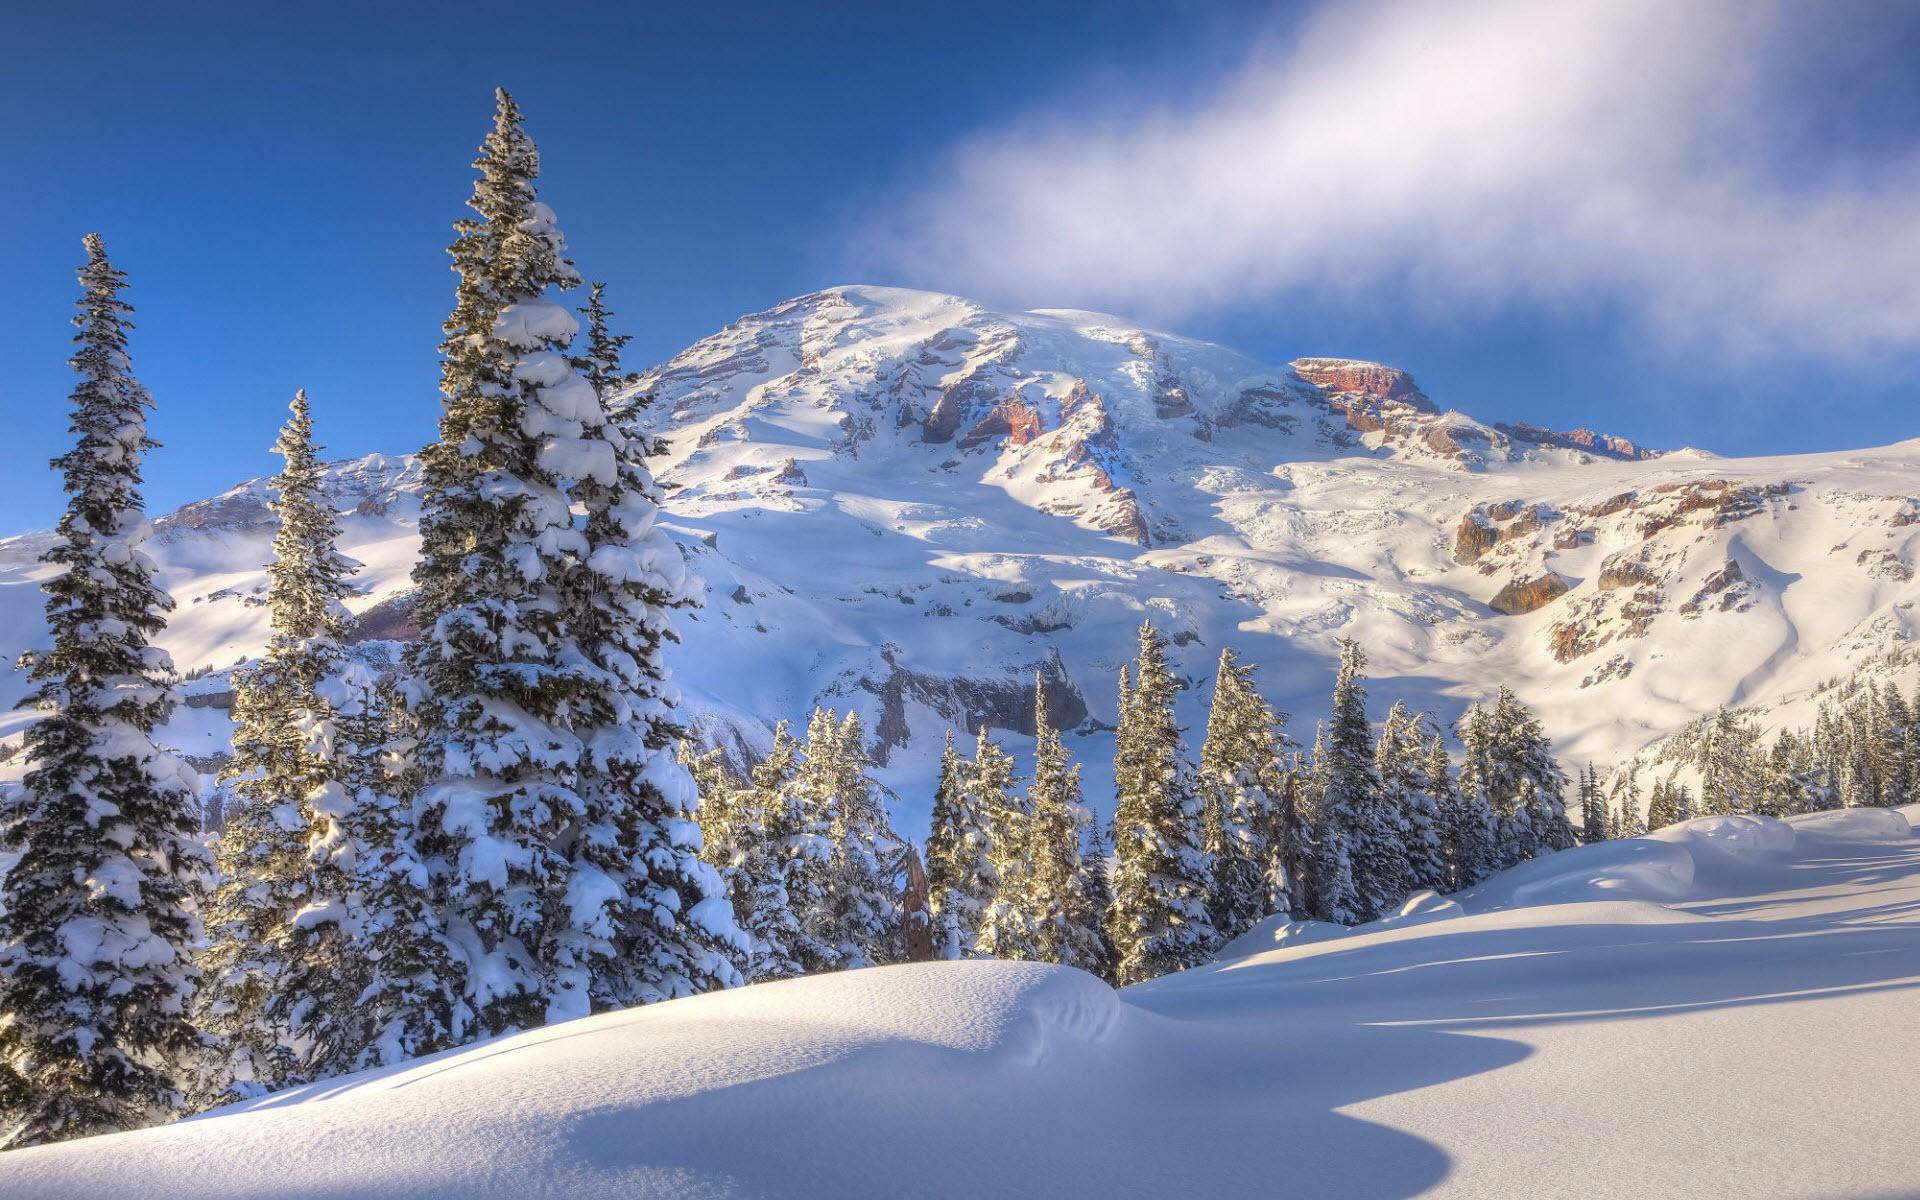 было картинки для рабочего стола зима пейзажи как-то привыкла